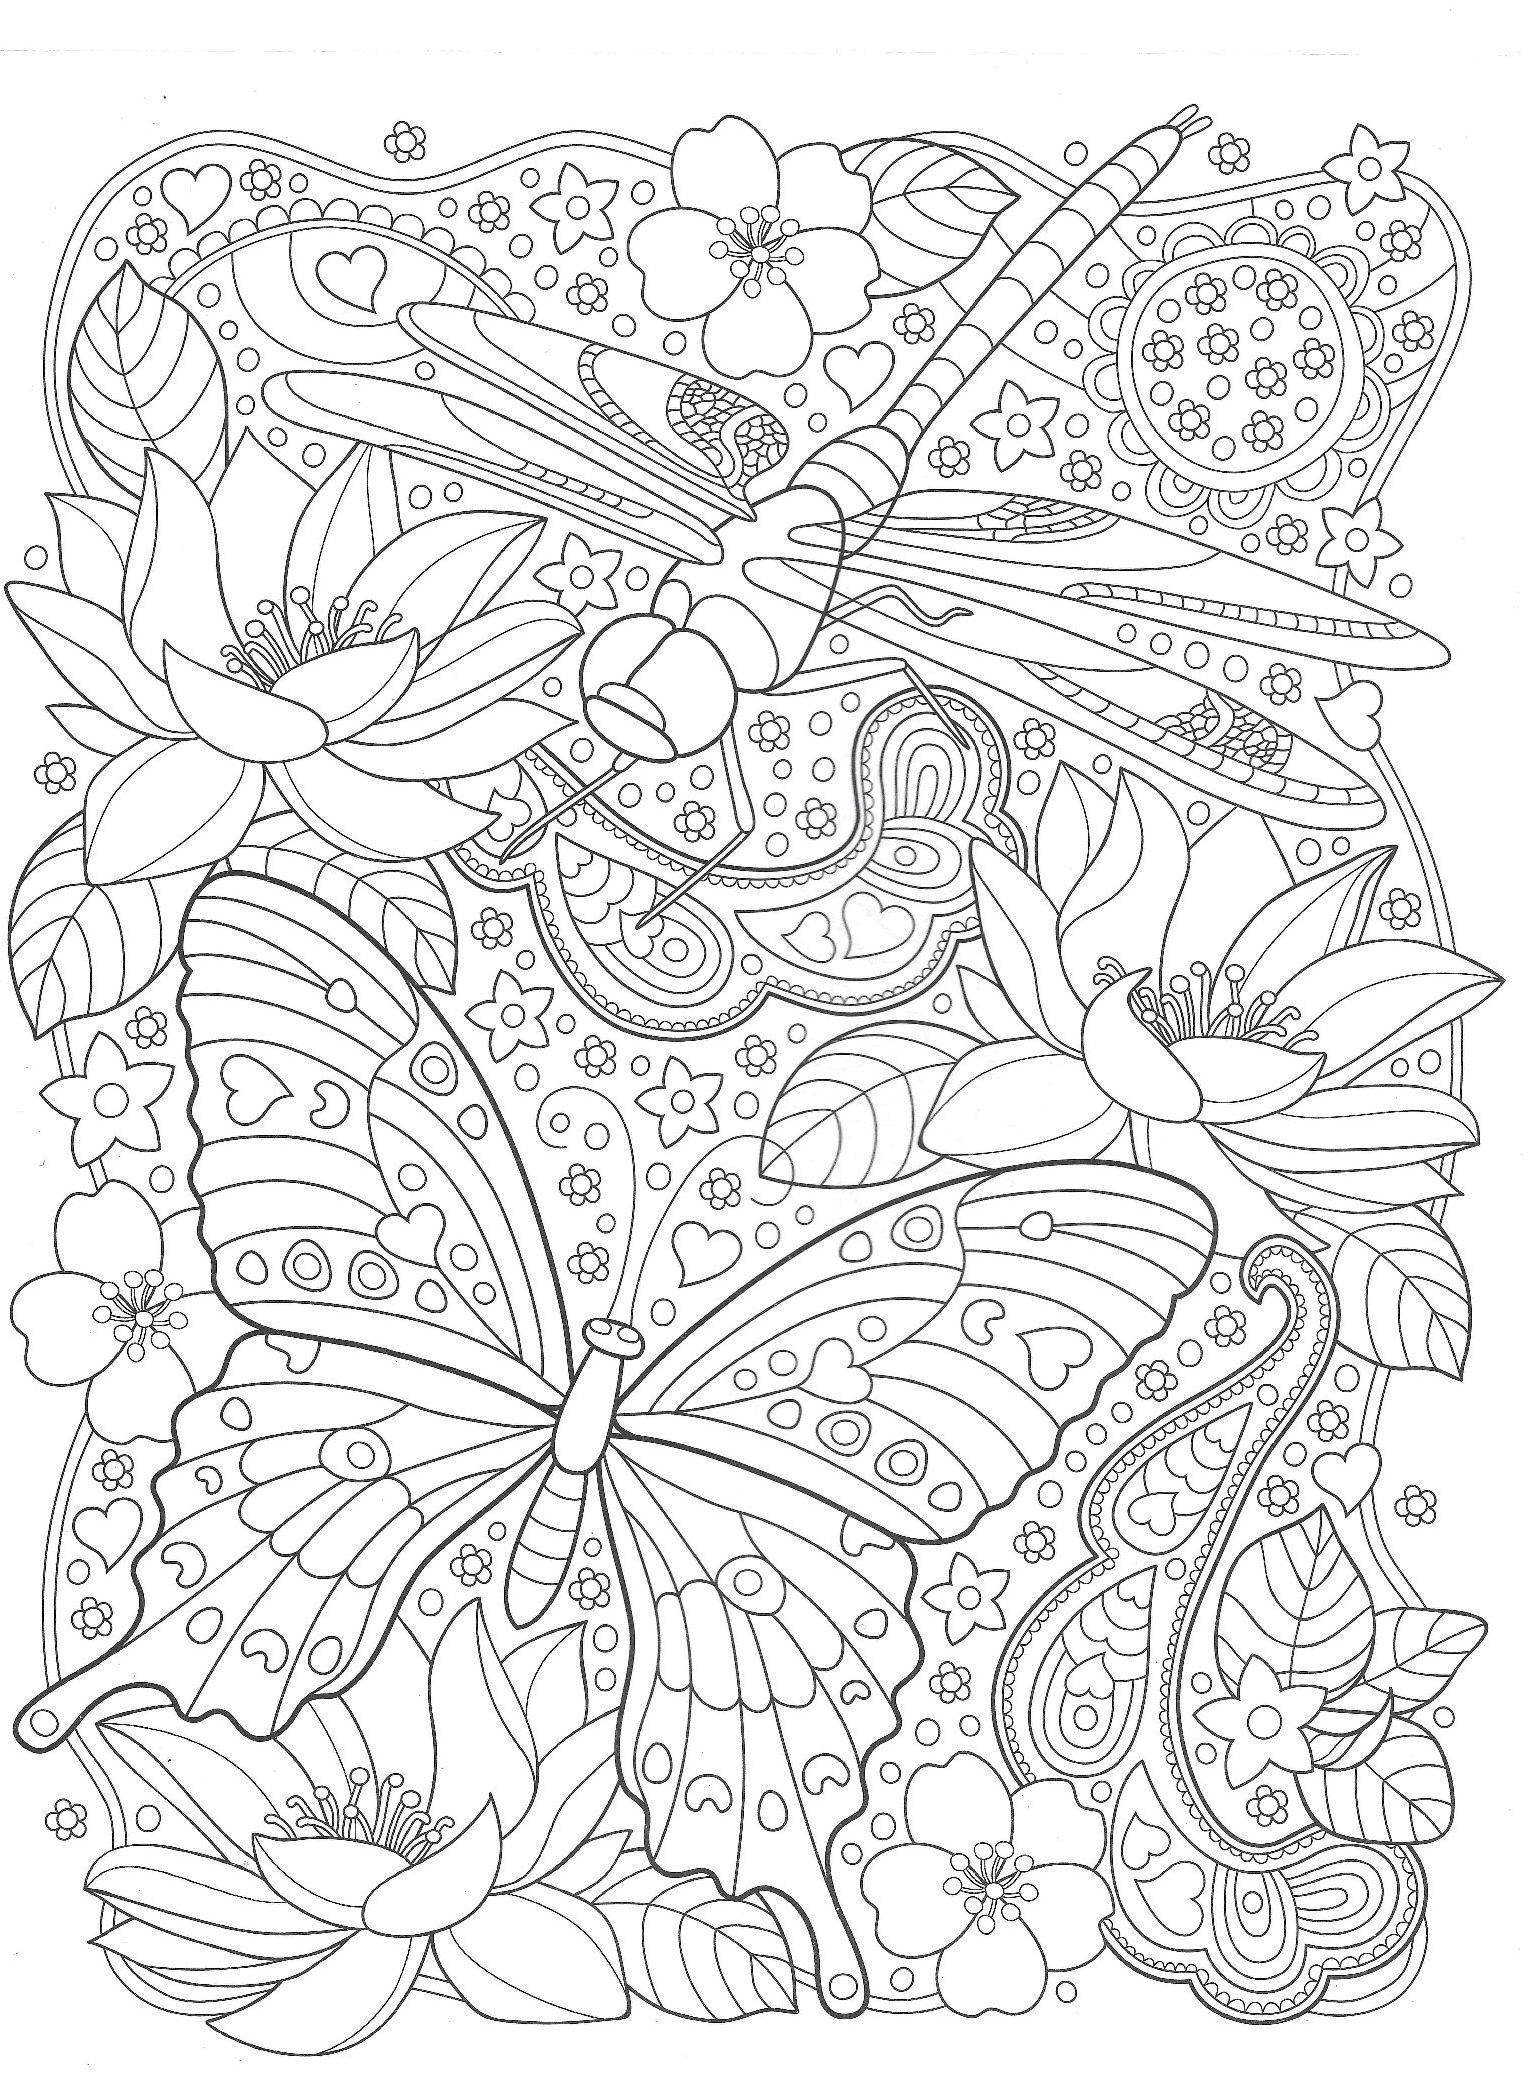 Бабочка и стрекоза с цветами - Насекомые - Раскраски ...